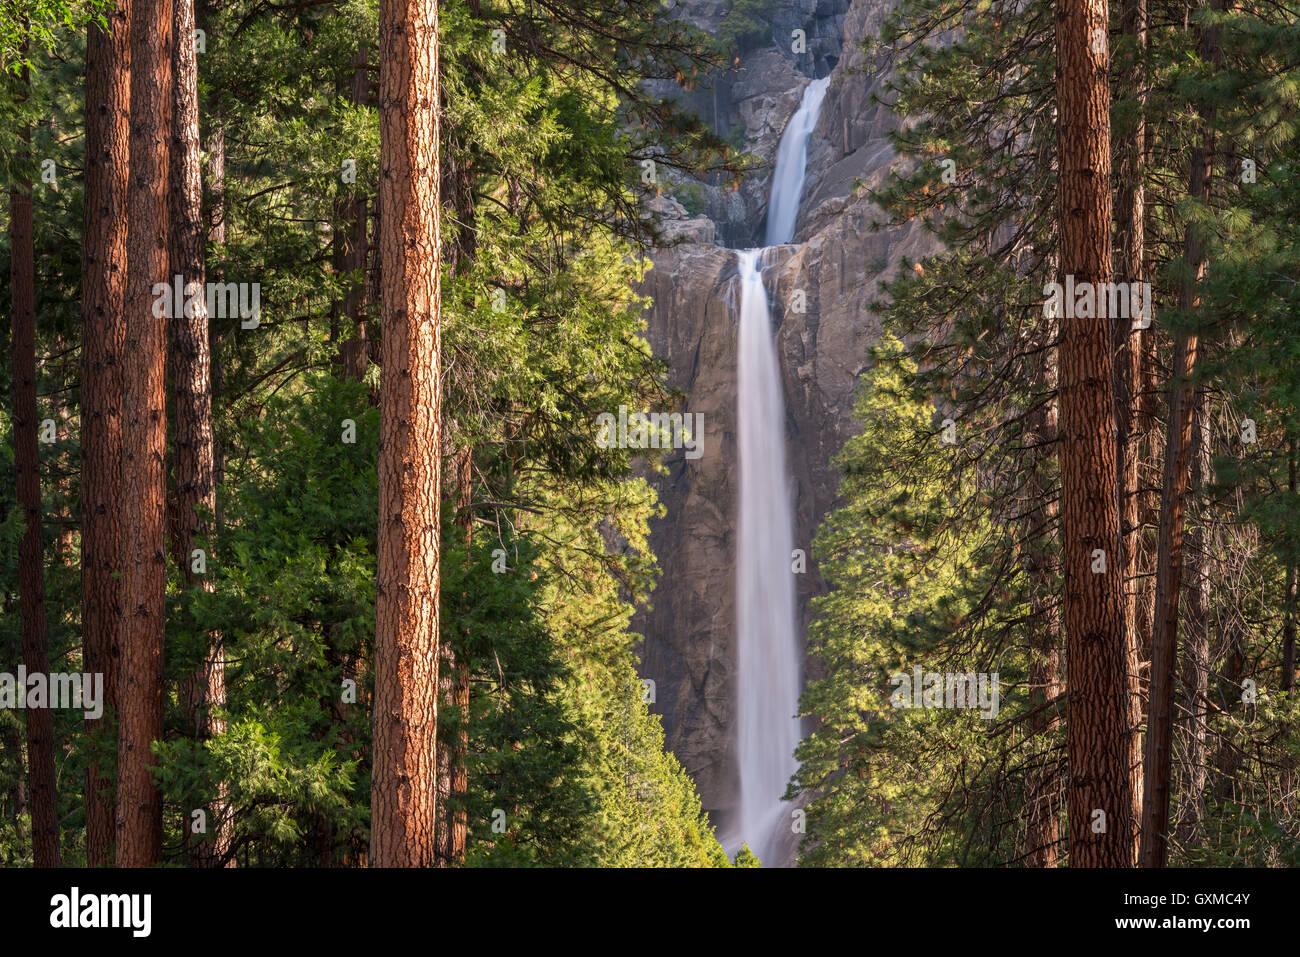 Lower Yosemite Falls durch die Nadelbäume des Yosemite Valley, Kalifornien, USA. (Juni) Frühjahr 2015. Stockbild